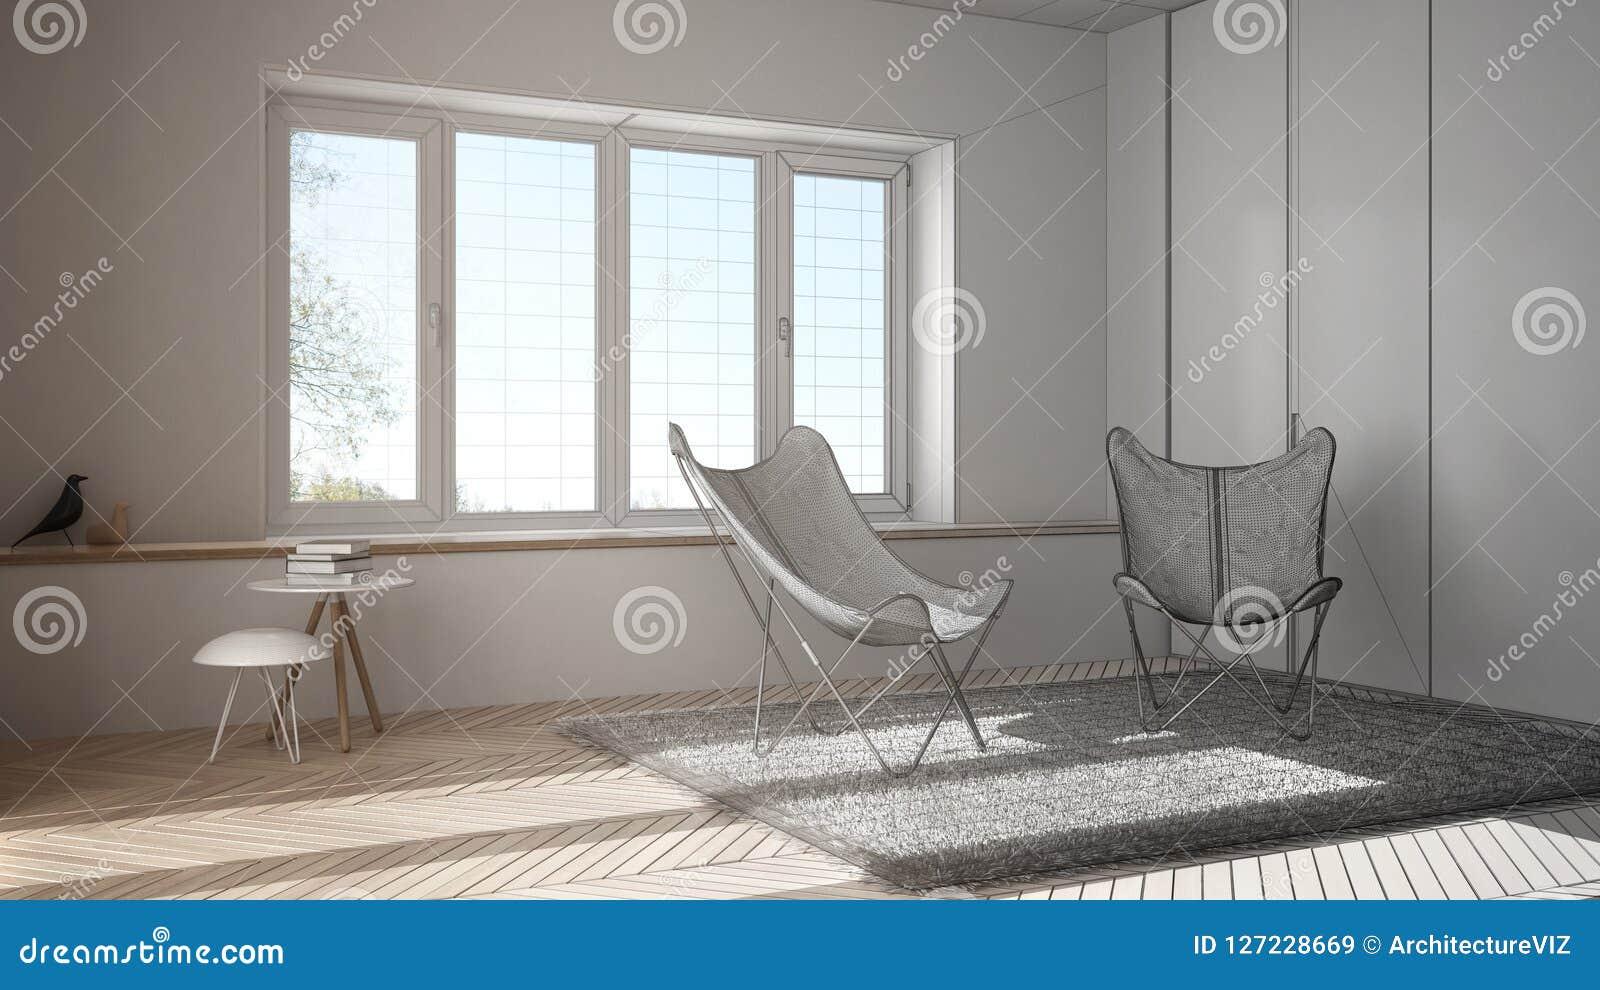 Interior design non finito del progetto di progetto, salone minimo con il tappeto della poltrona, pavimento di parquet e finestra